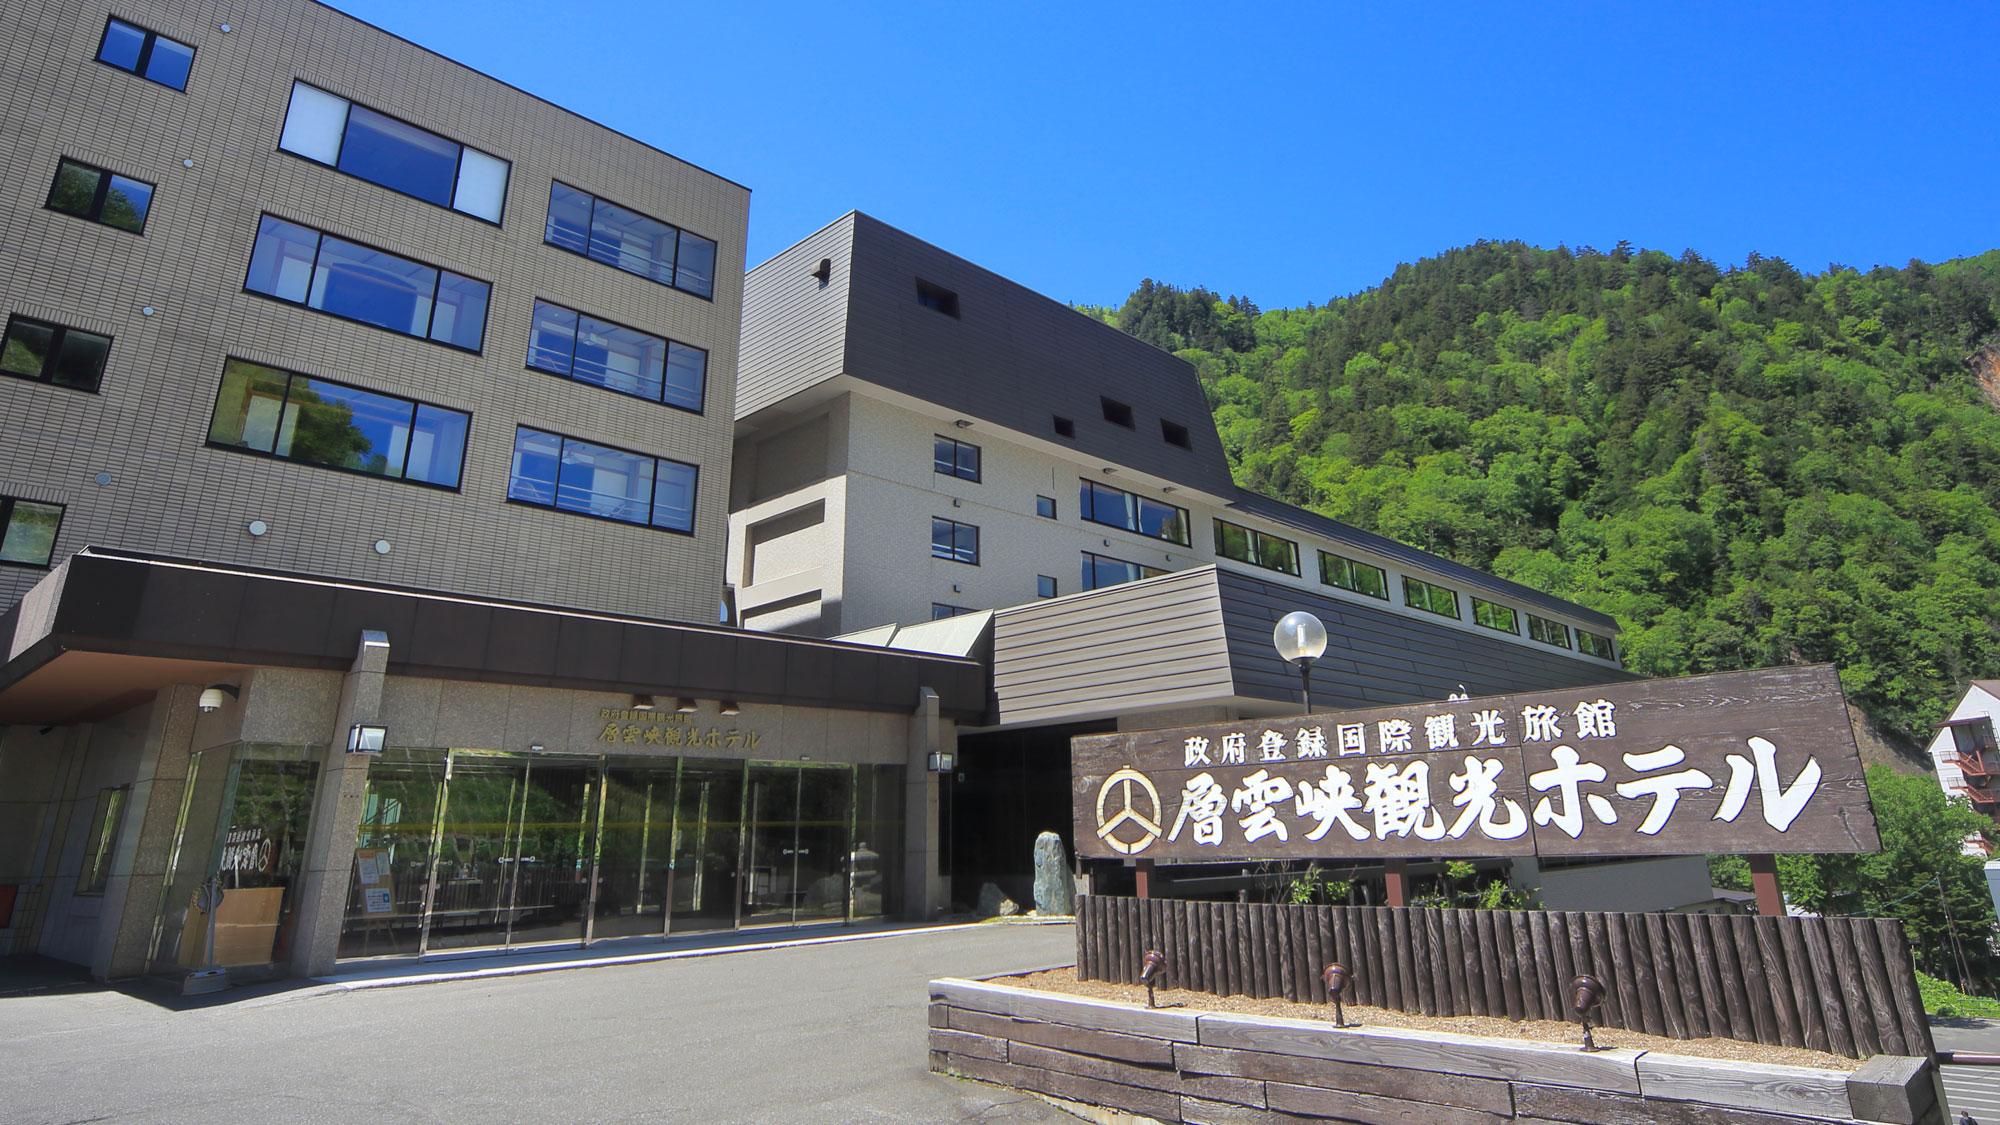 層雲峡温泉 層雲峡観光ホテル...